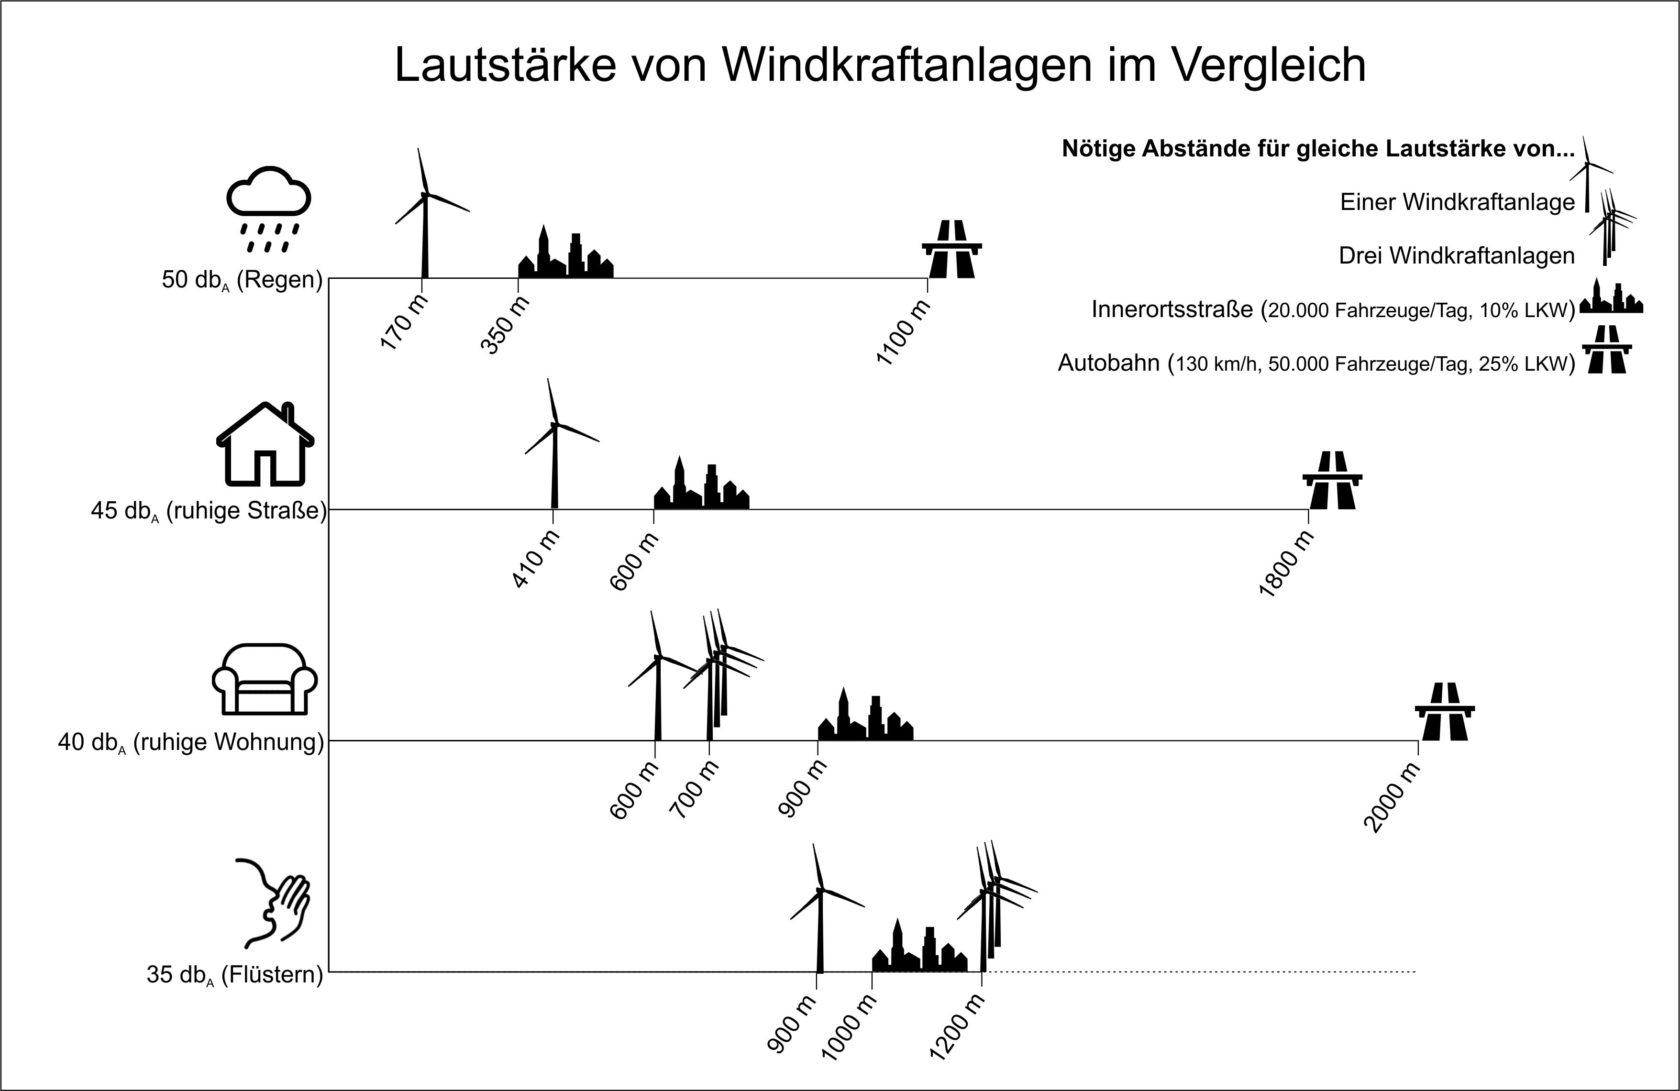 Das Bild vergleicht den notwendigen Abstand von Windrädern und Straßen für unterschiedliche Lautstärken